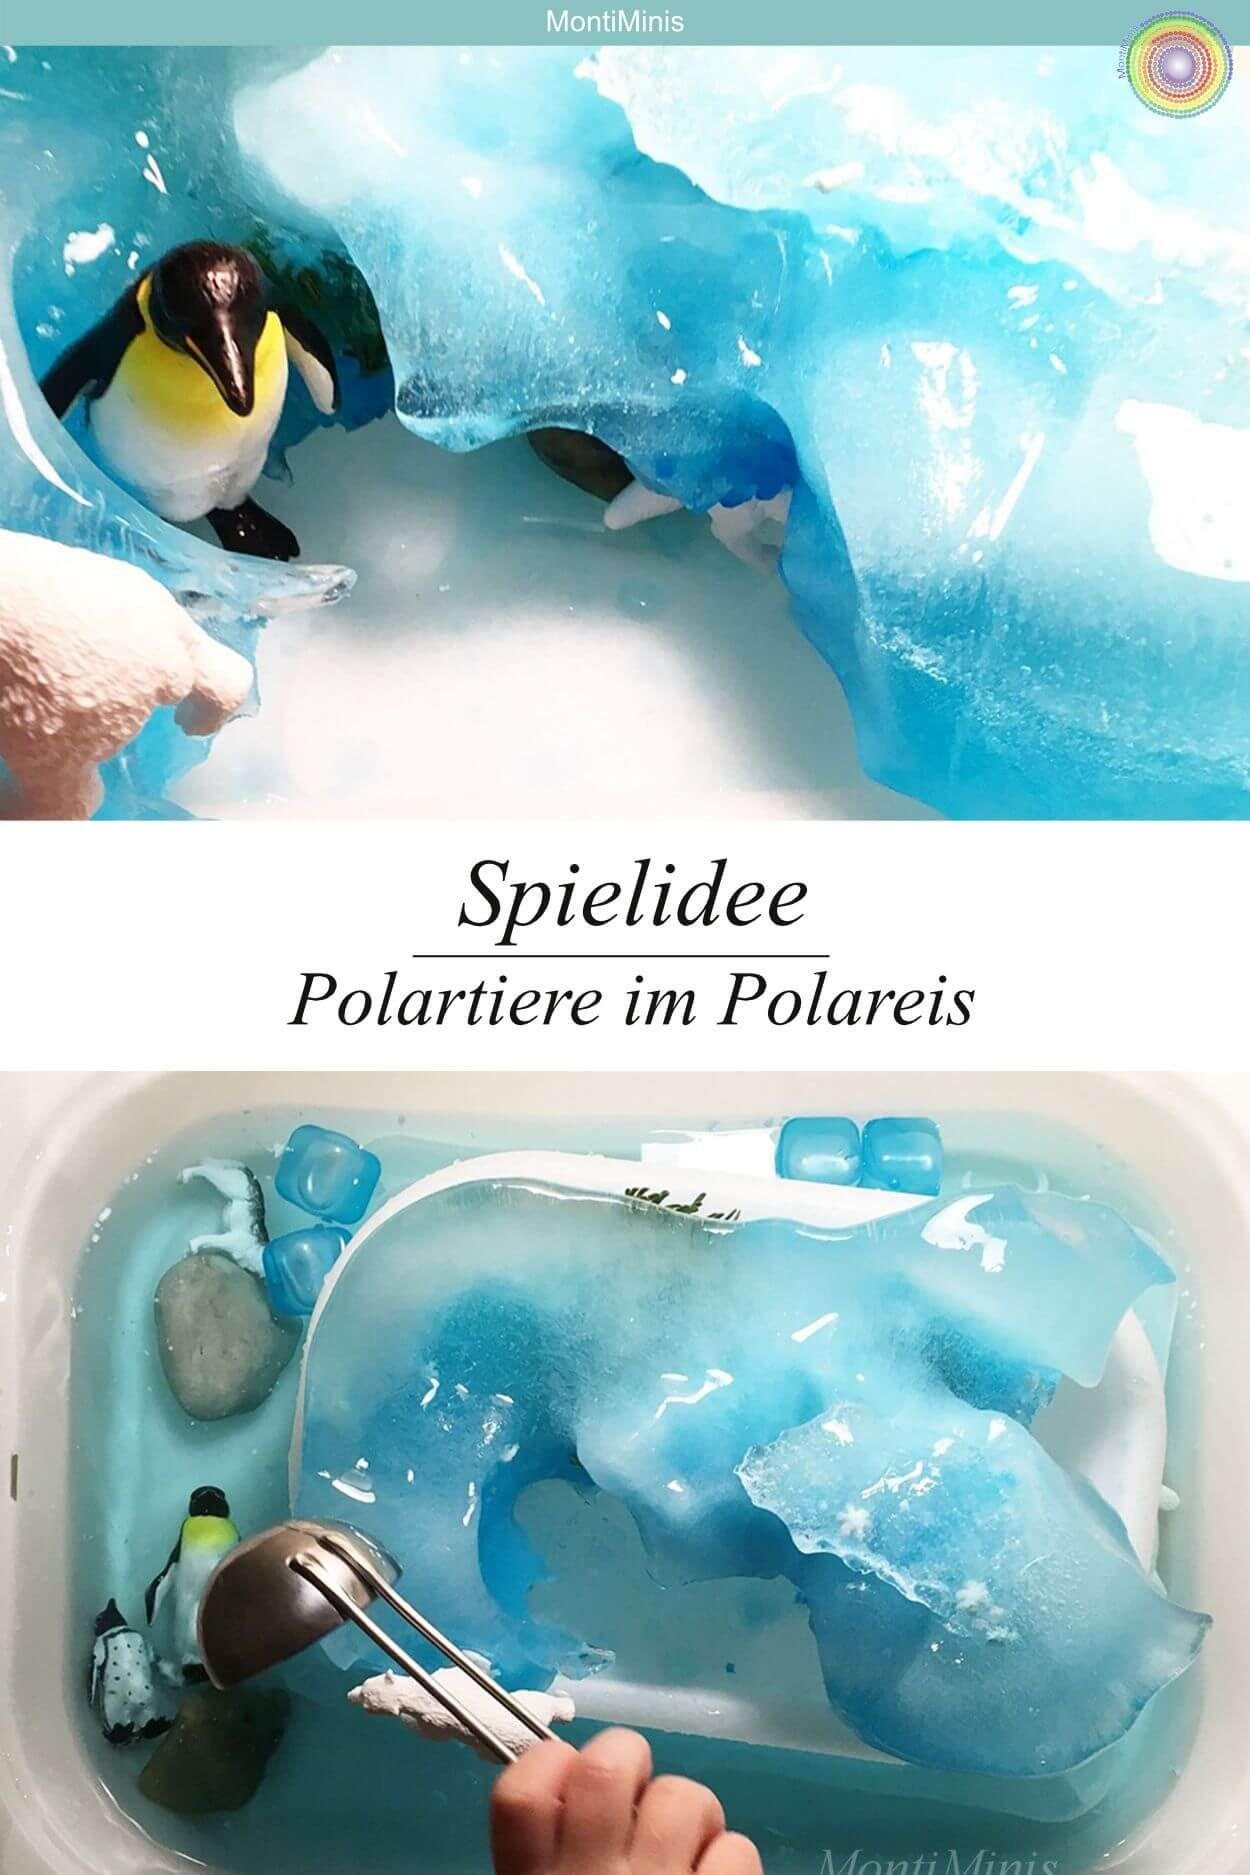 Winterliche Spielidee Wir Erforschen Gletscher Und Polartiere Montessori Blog Shop Montiminis Polar Tiere Spielideen Fur Kinder Spielideen